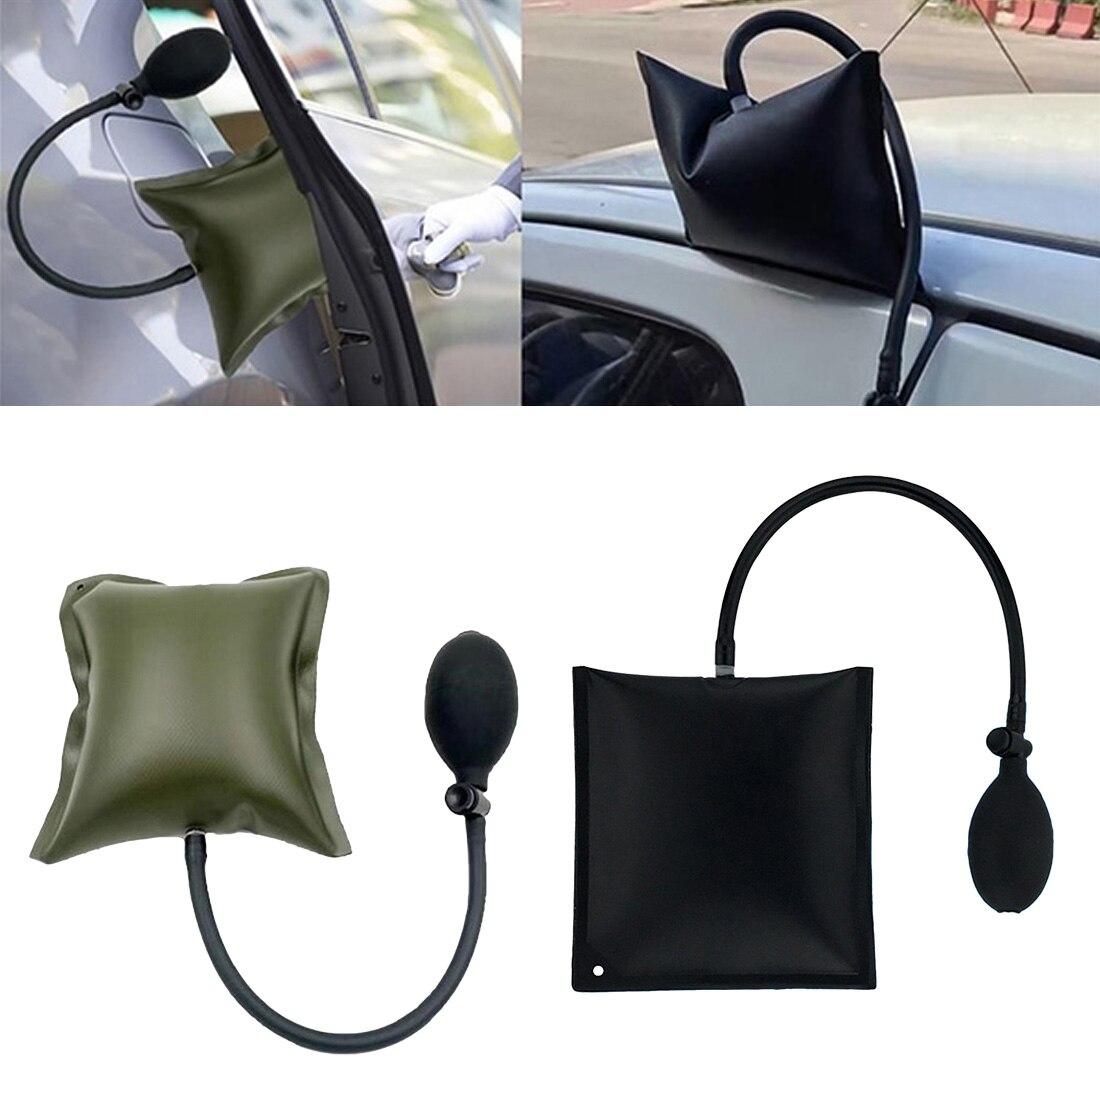 Регулируемый автомобильный воздушный насос, инструмент для ремонта автомобиля, утолщенный набор инструментов для ремонта дверей автомобиля